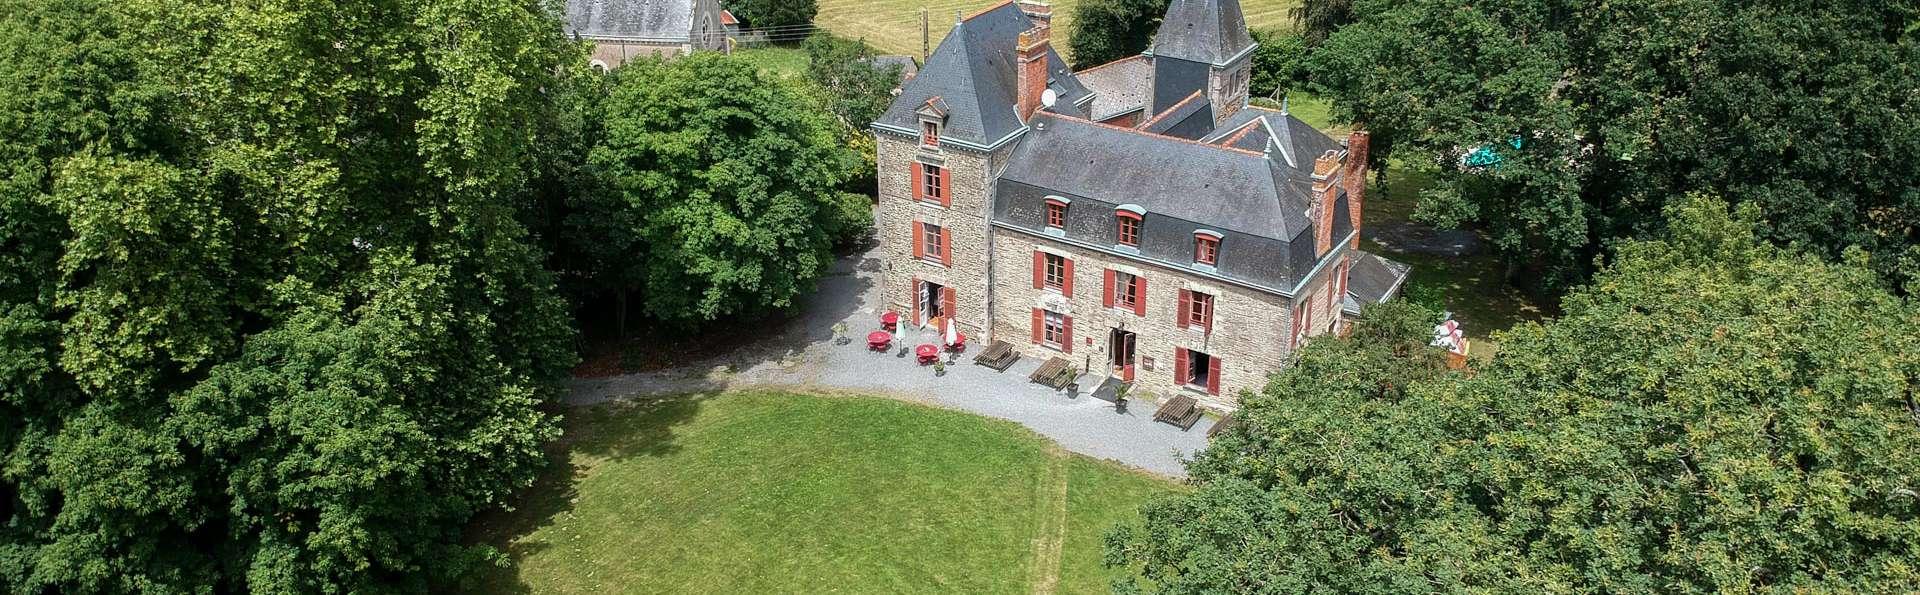 Hôtel Manoir et Parc de la Briandais - EDIT_FRONT_03.jpg